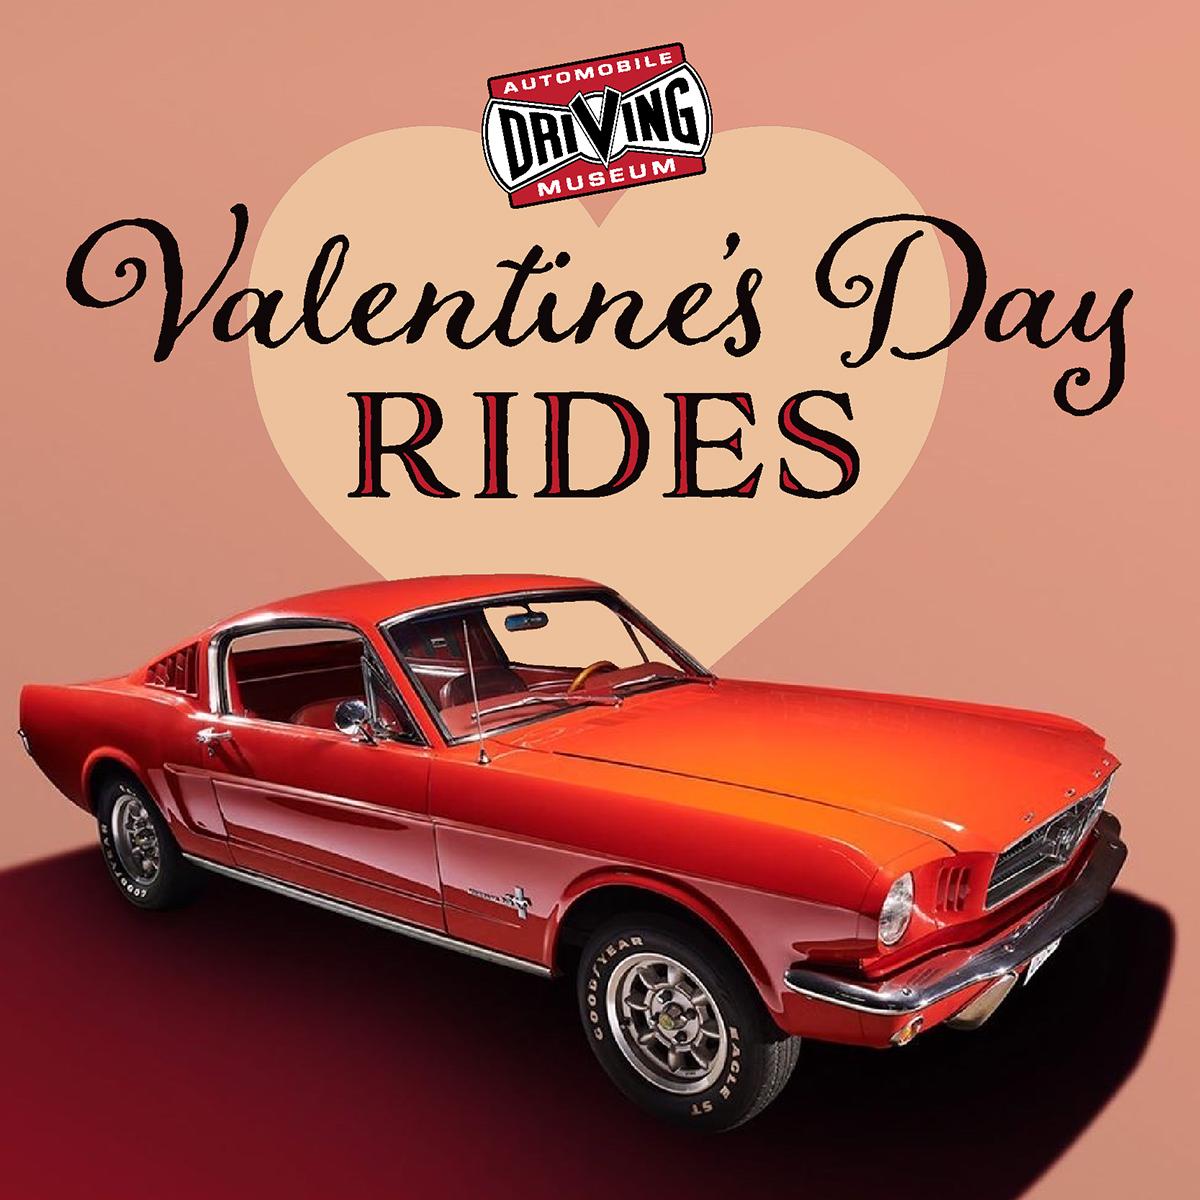 Valentine Day rides